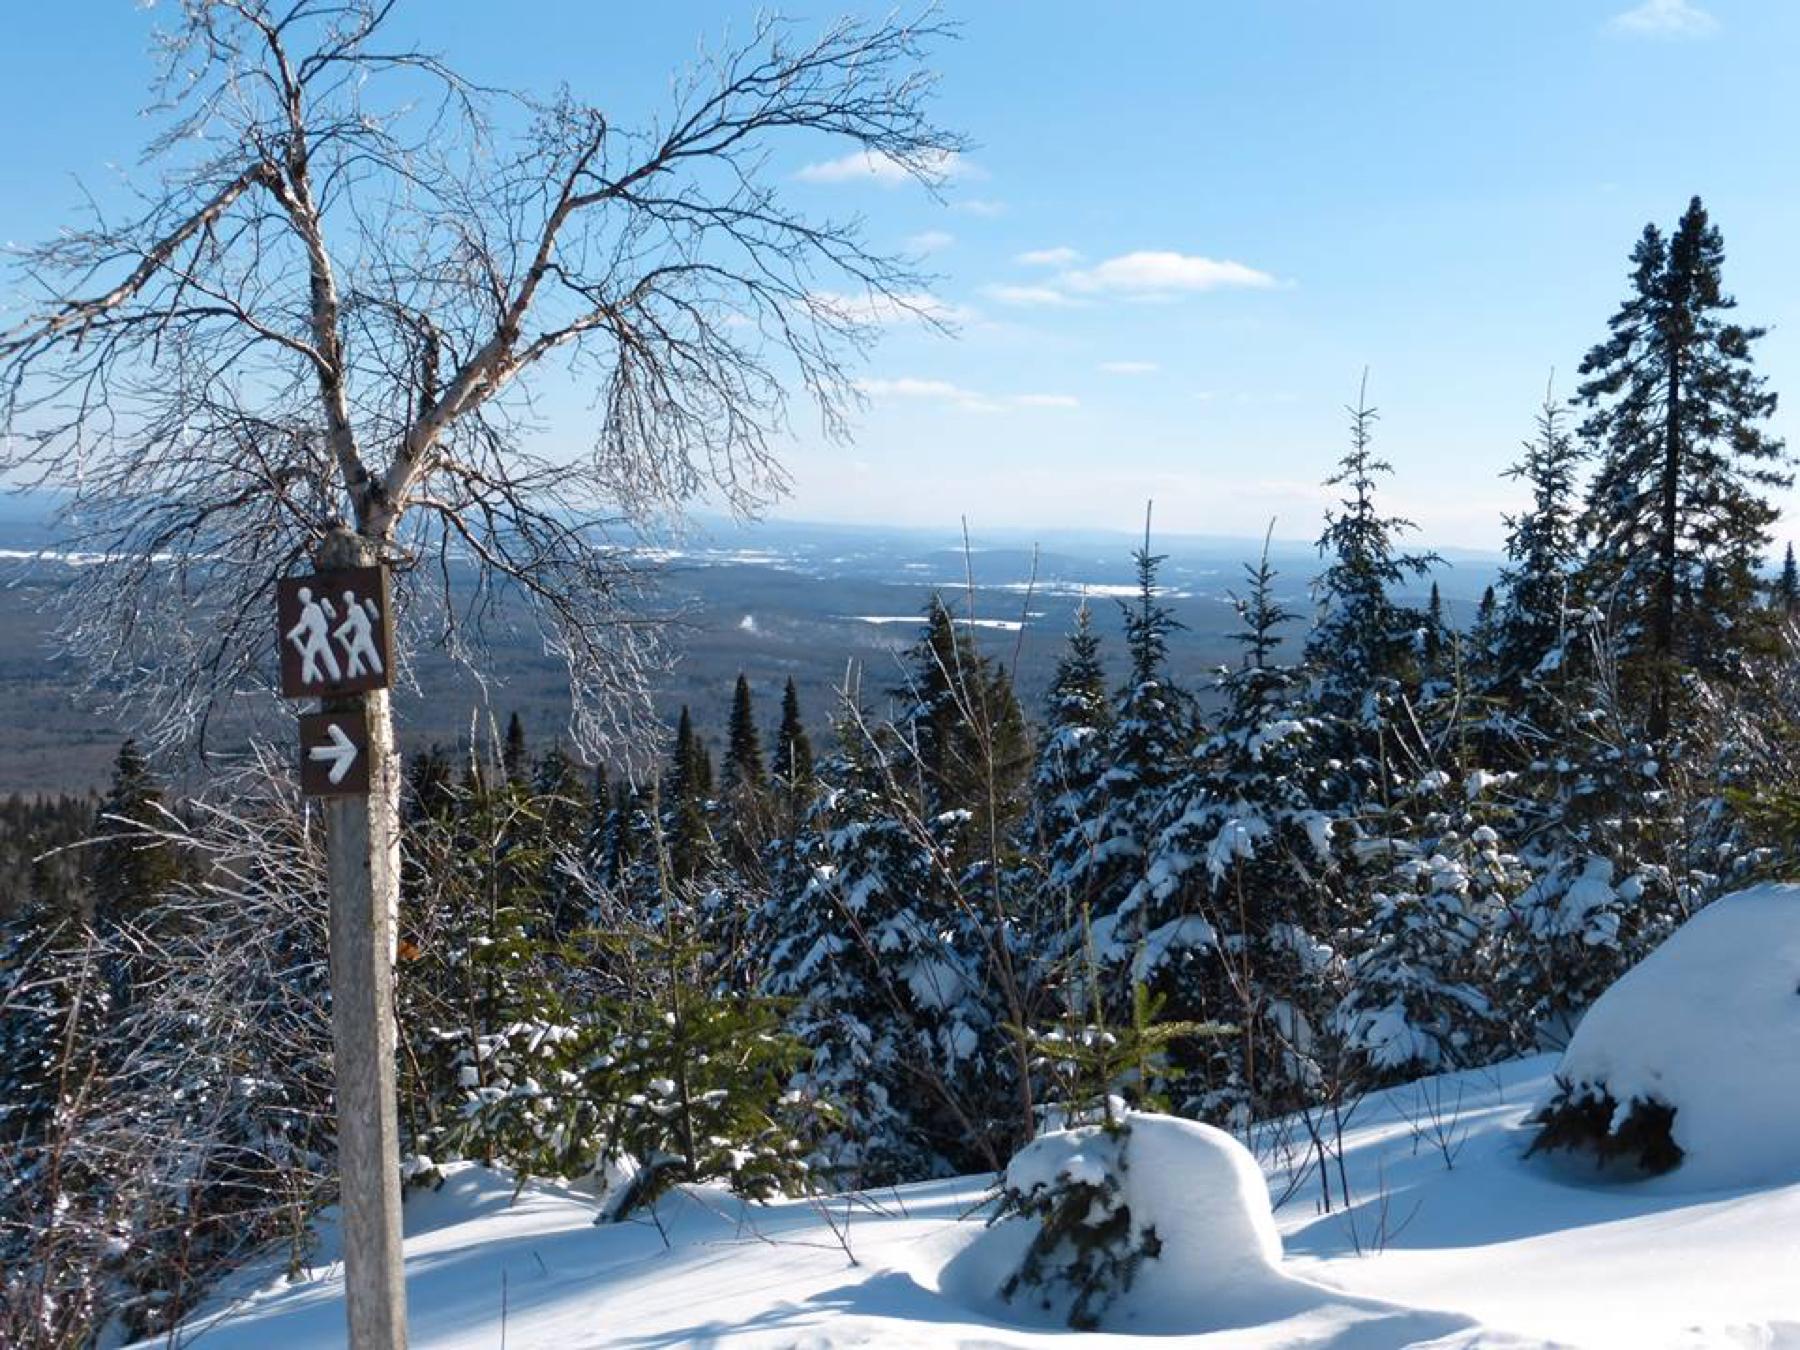 parc-montagne-du-diable-paysage-00078_1800x1350